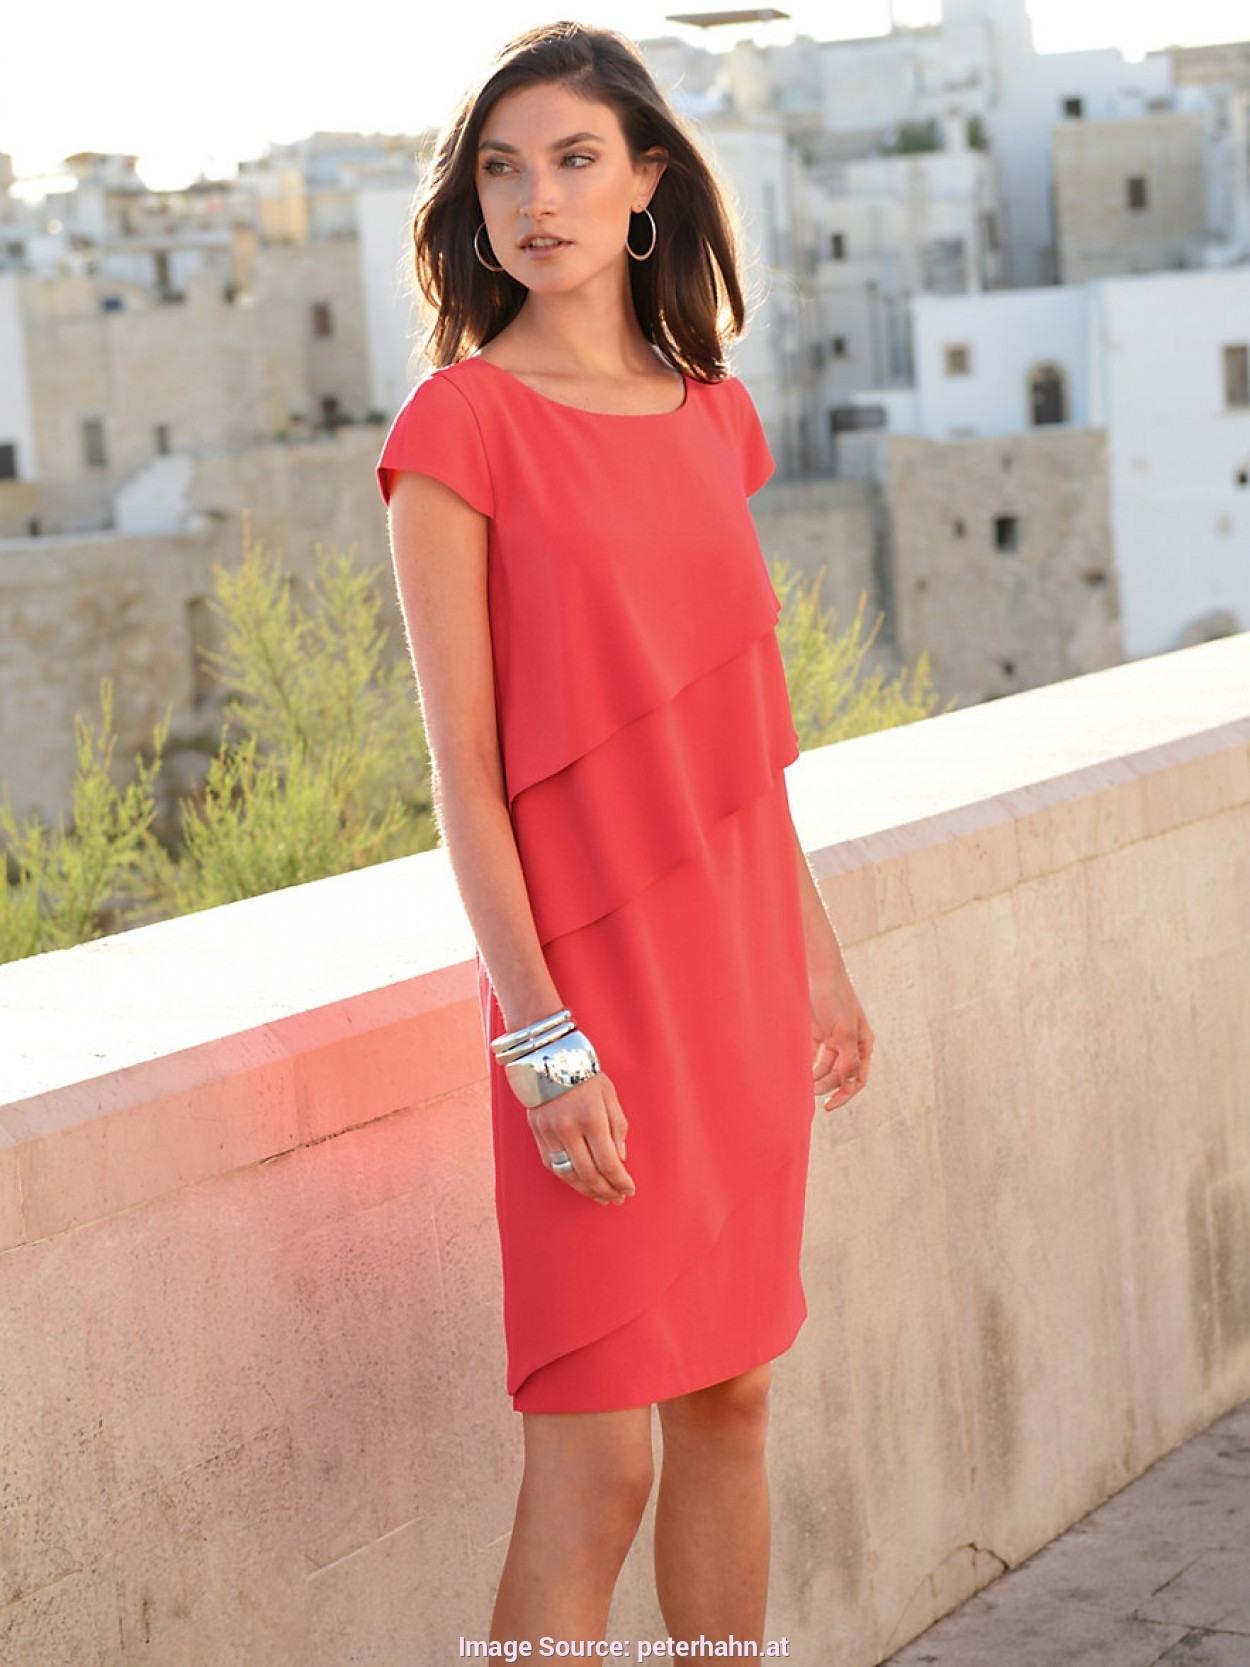 13 elegant kleider für frauen ab 50 boutique - abendkleid